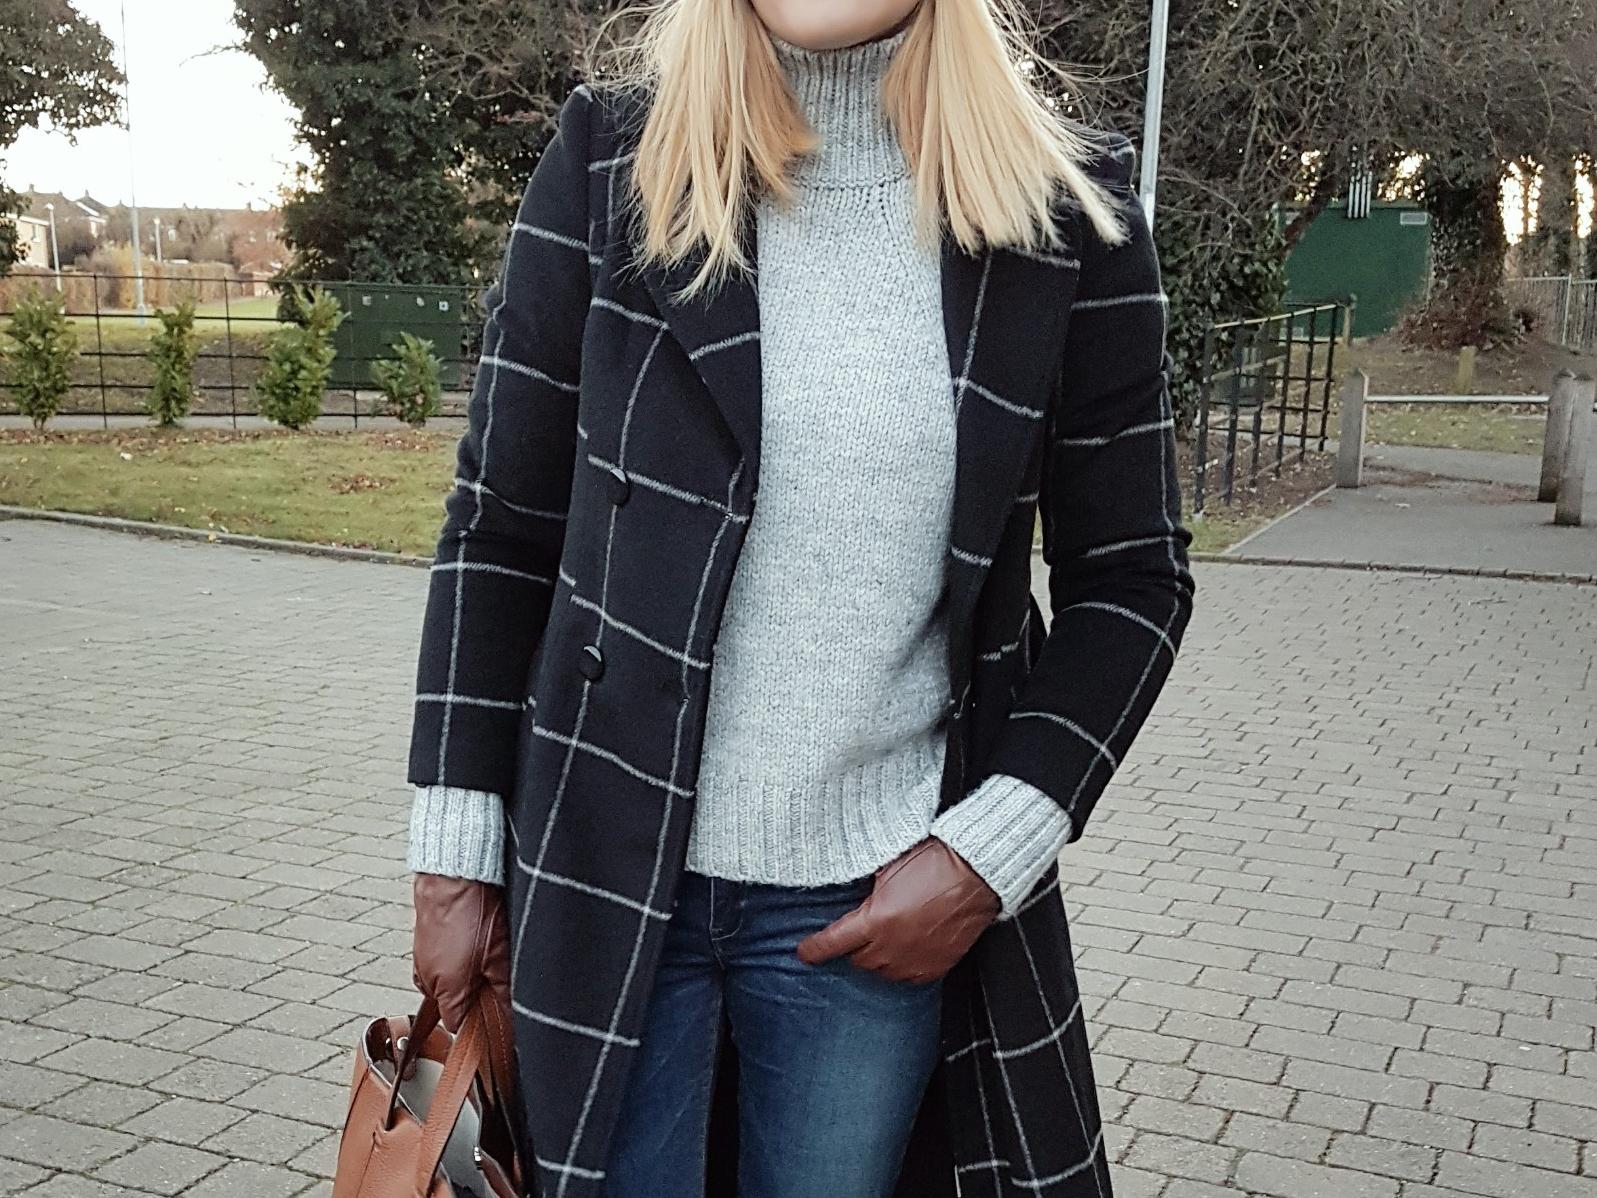 Maxi coat & turtleneck czyli strój dnia